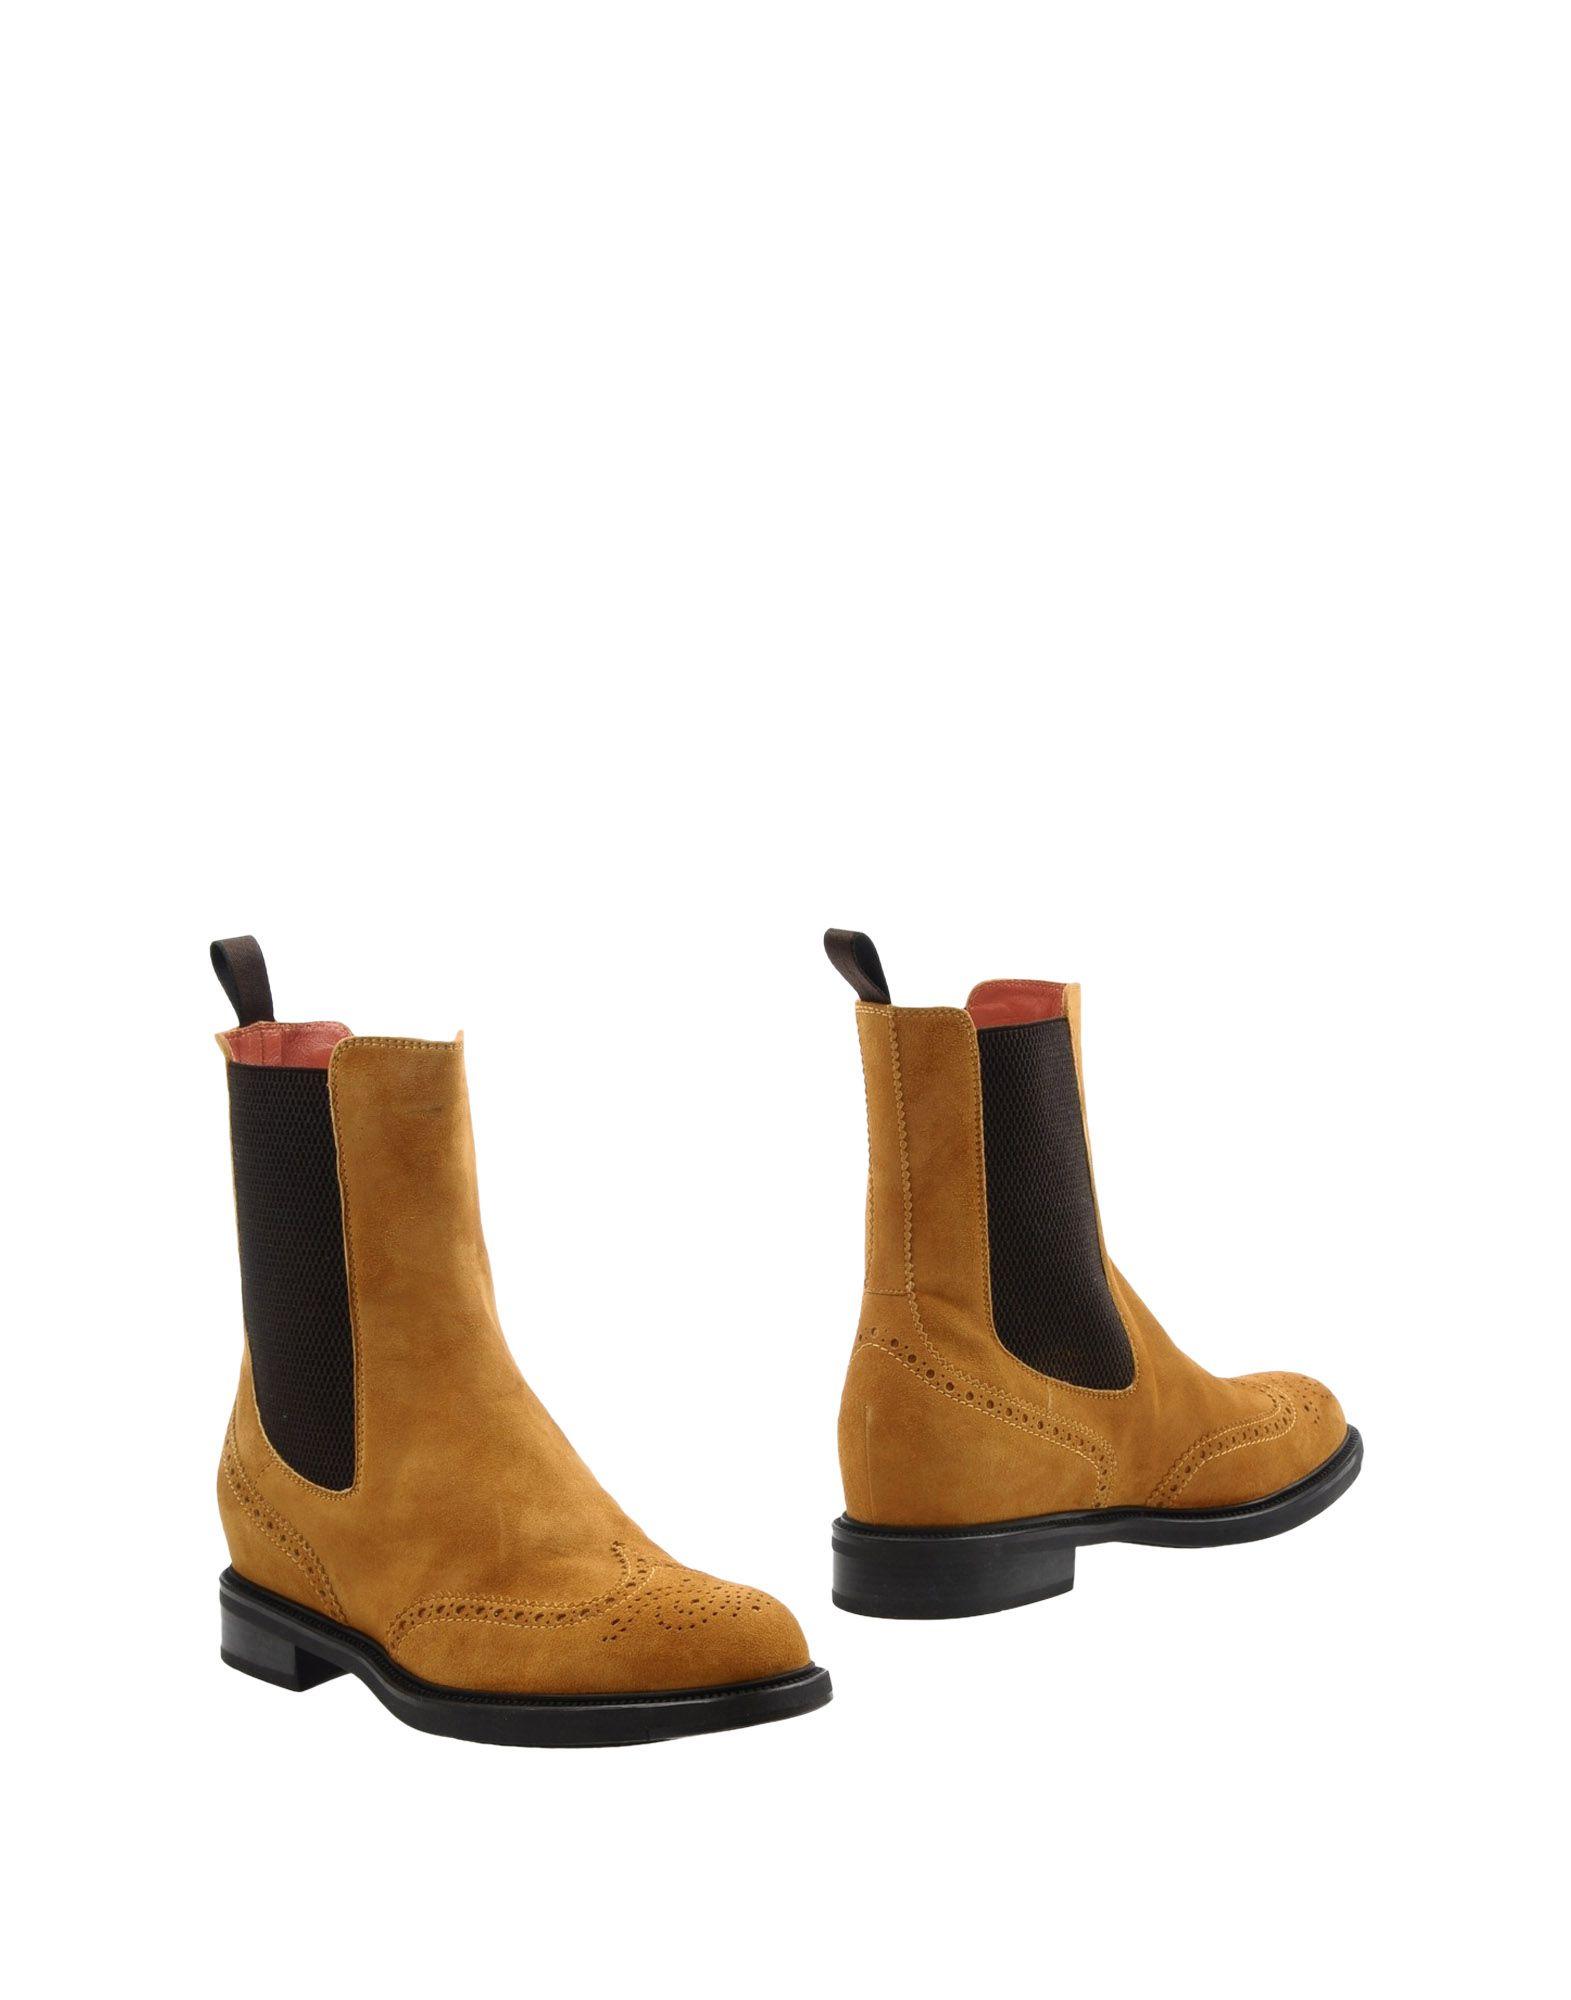 SANTONI Полусапоги и высокие ботинки купить футбольную форму челси торрес